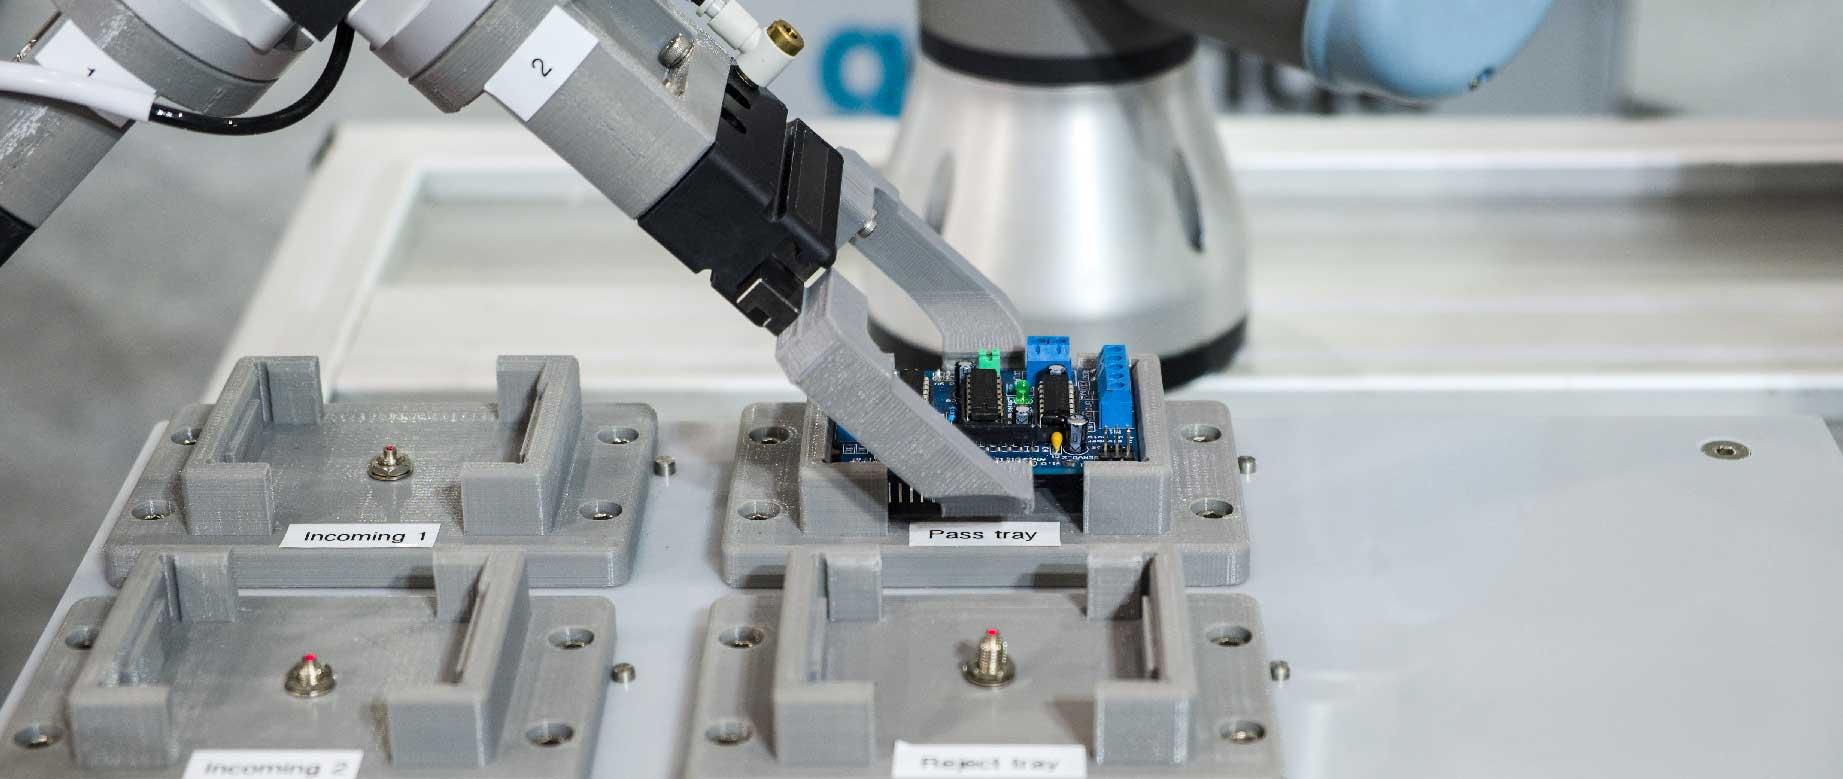 Bild eines Pick and Place Verfahrens mit Elektronikteilen. Roboterarm greift Elektronikbauteil.